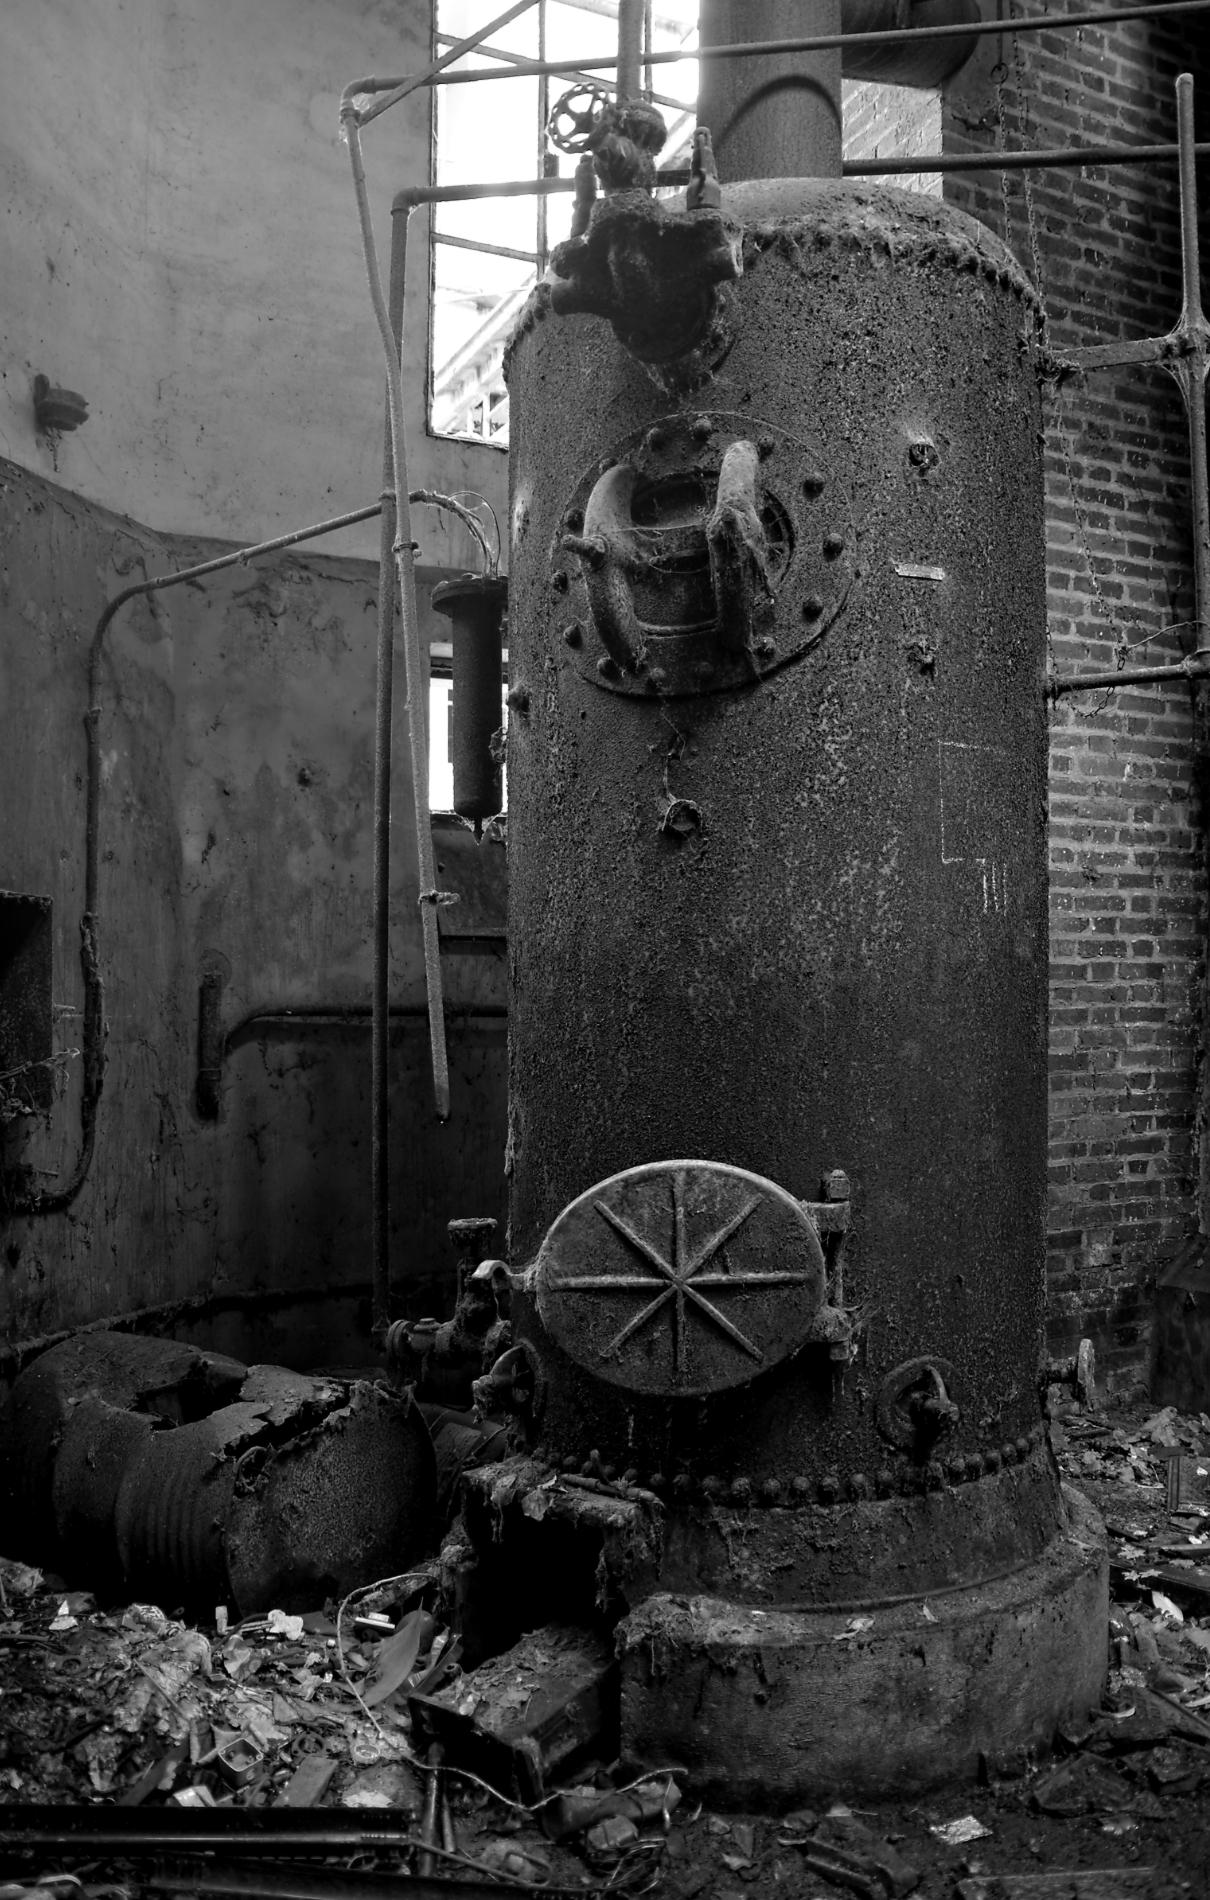 usine aux grenouilles, machines, usine,  urbex, exploration urbaine, friche industrielle, noir et blanc